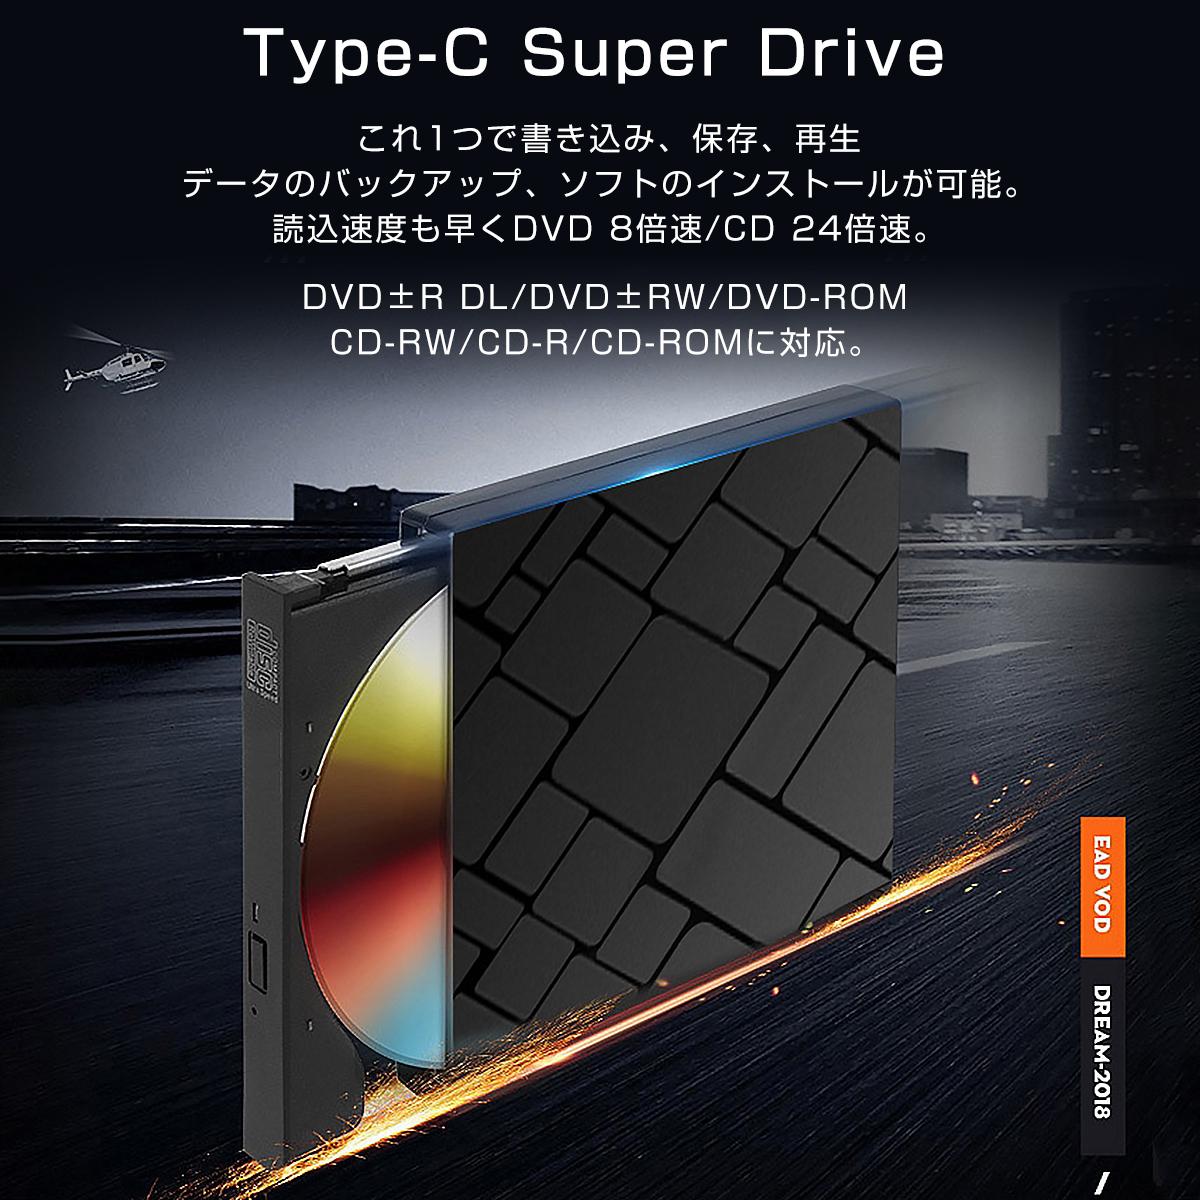 外付けDVDドライブ USB3.0 Type-C 両対応 黒 ポータブル 軽量 薄型スリム 静音設計 高速書込 高速読込 ドライバー不要 バスパワー 電源不要 スーパードライブ 外付けDVDプレーヤー Windows/MacOS 対応 SDM便送料無料 1ヶ月保証